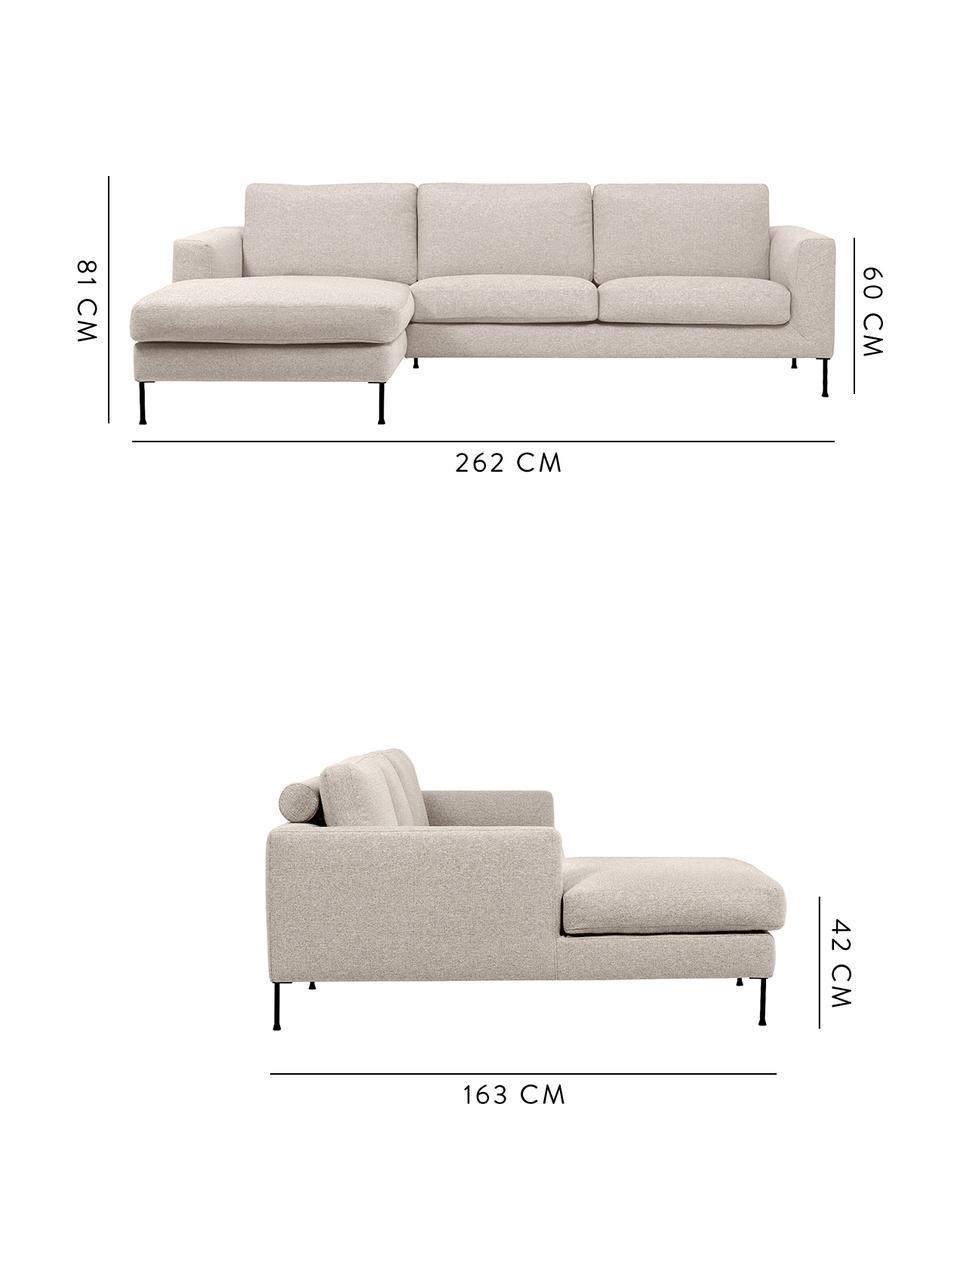 Sofa narożna z metalowymi nogami Cucita (3-osobowa), Tapicerka: tkanina (poliester) Dzięk, Nogi: metal lakierowany, Beżowy, S 262 x G 163 cm